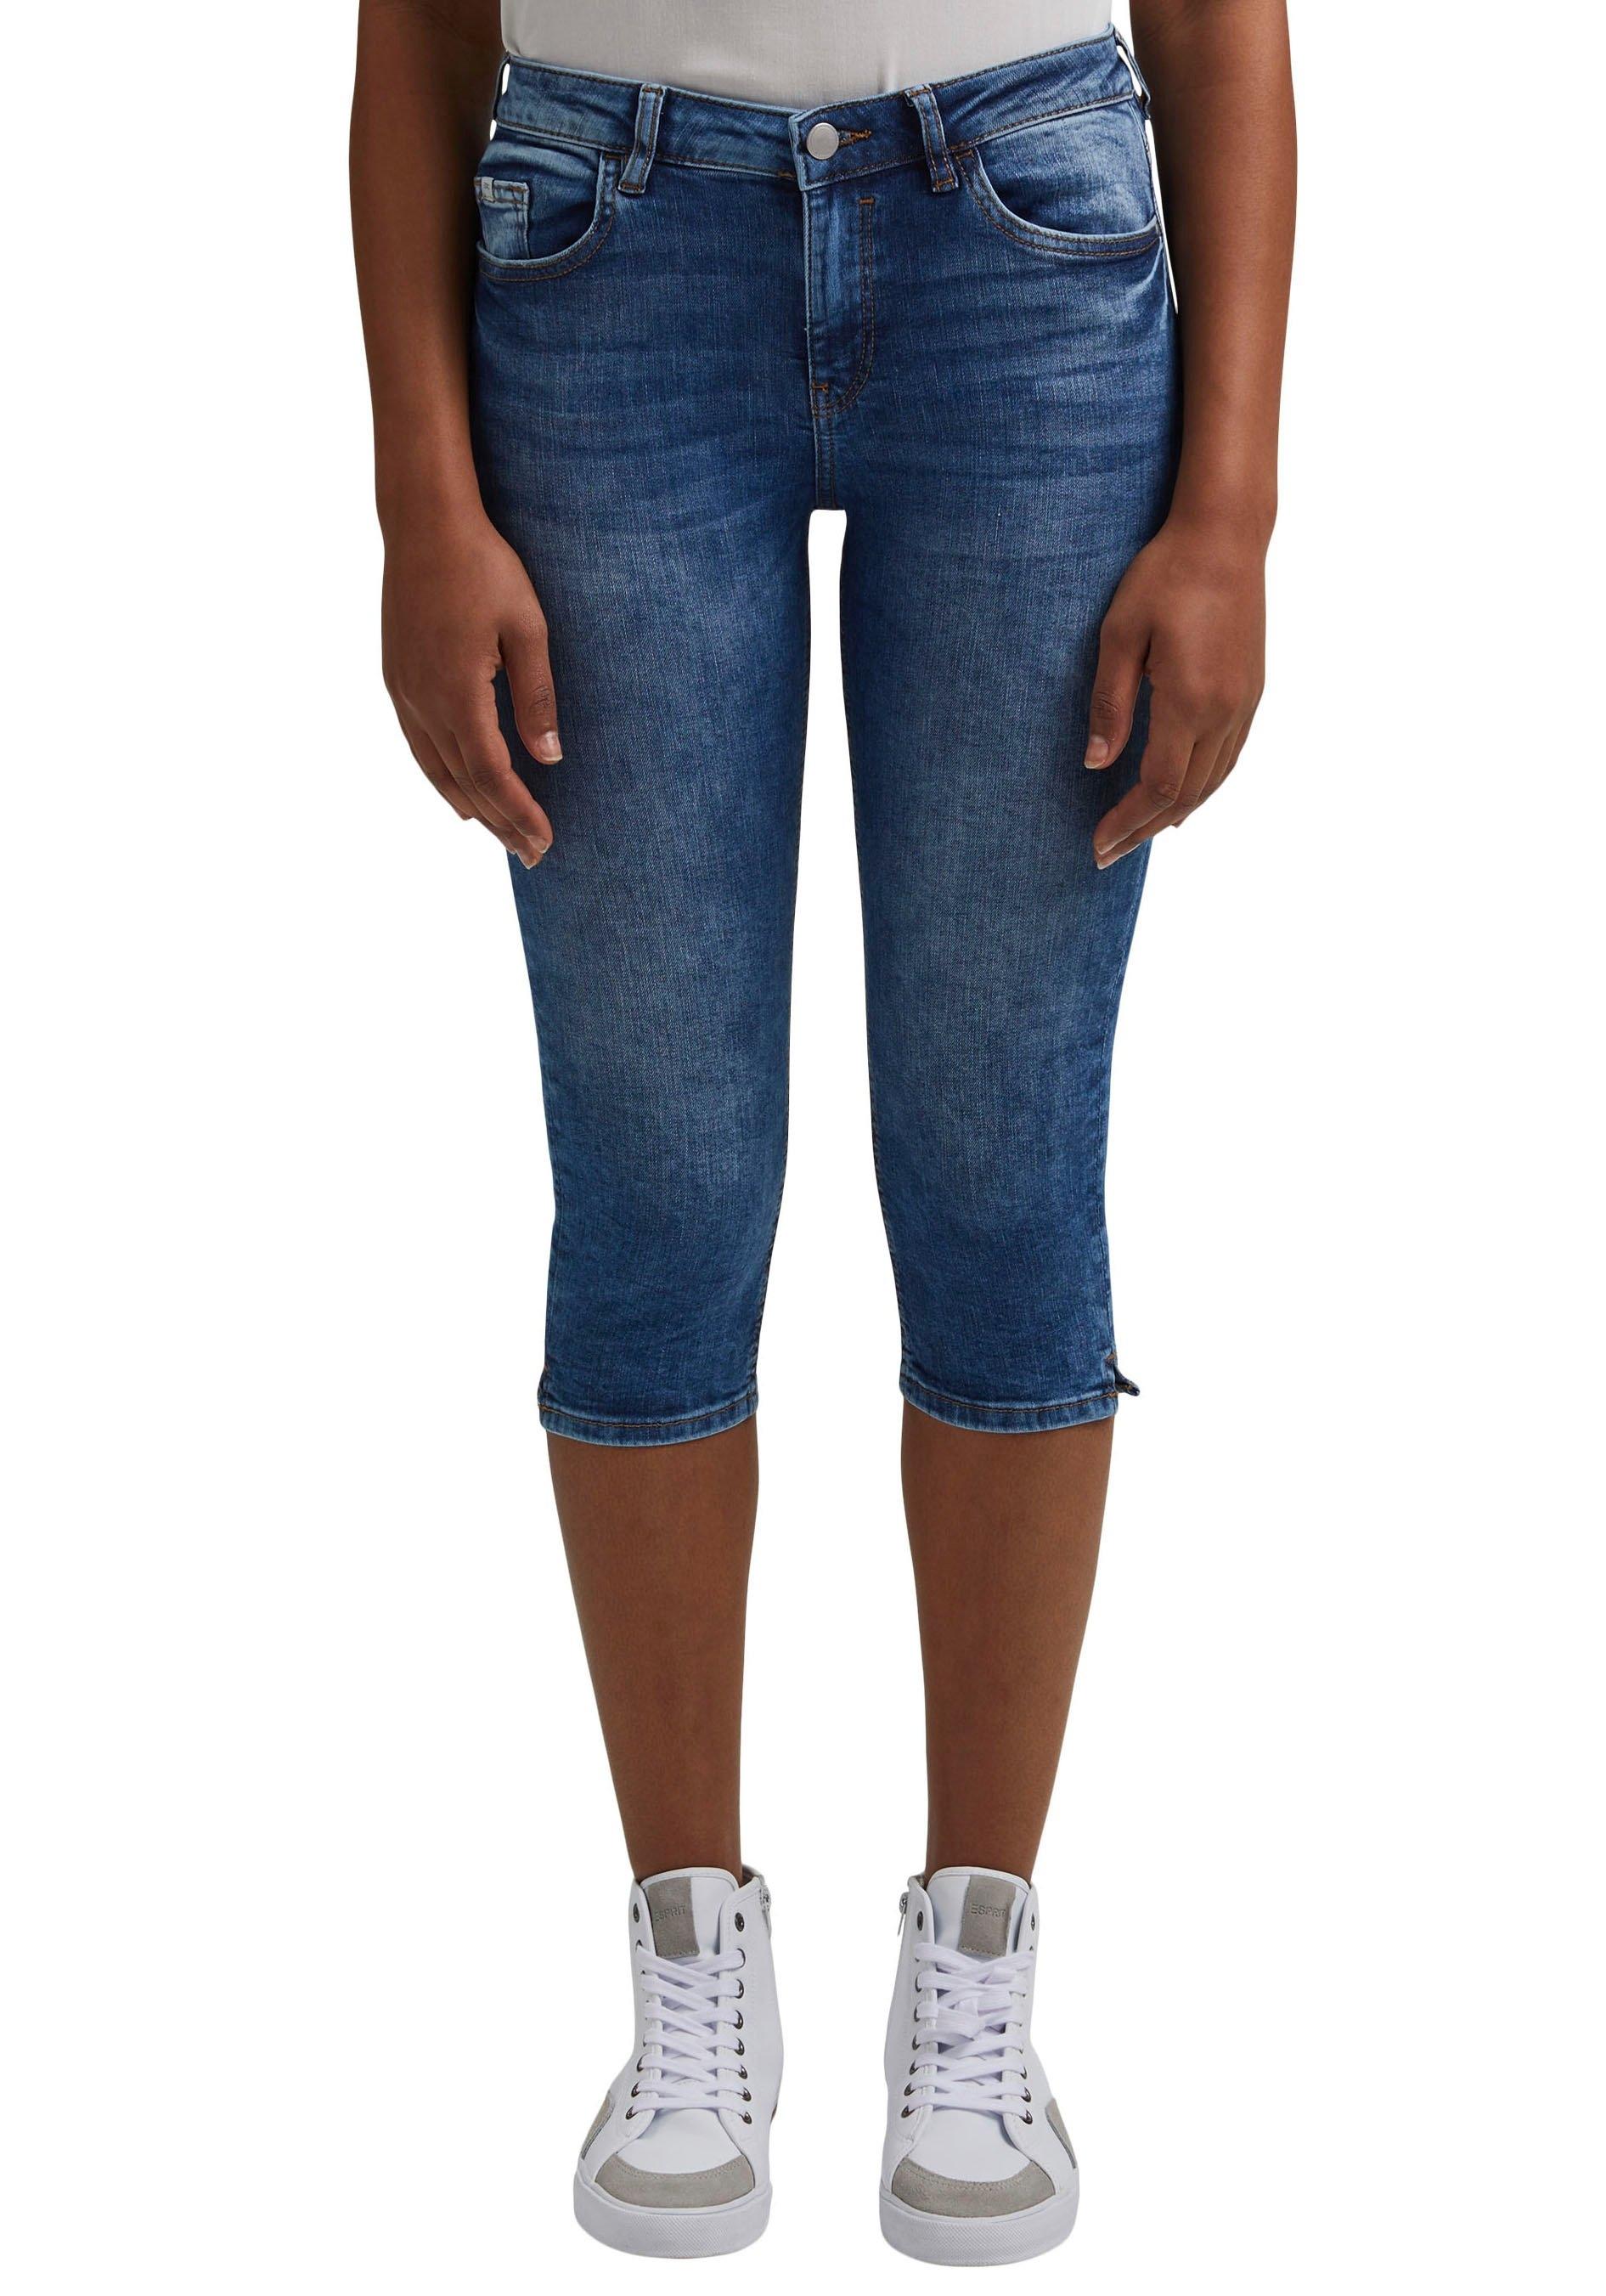 edc by Esprit 3/4 jeans met splitjes opzij veilig op otto.nl kopen